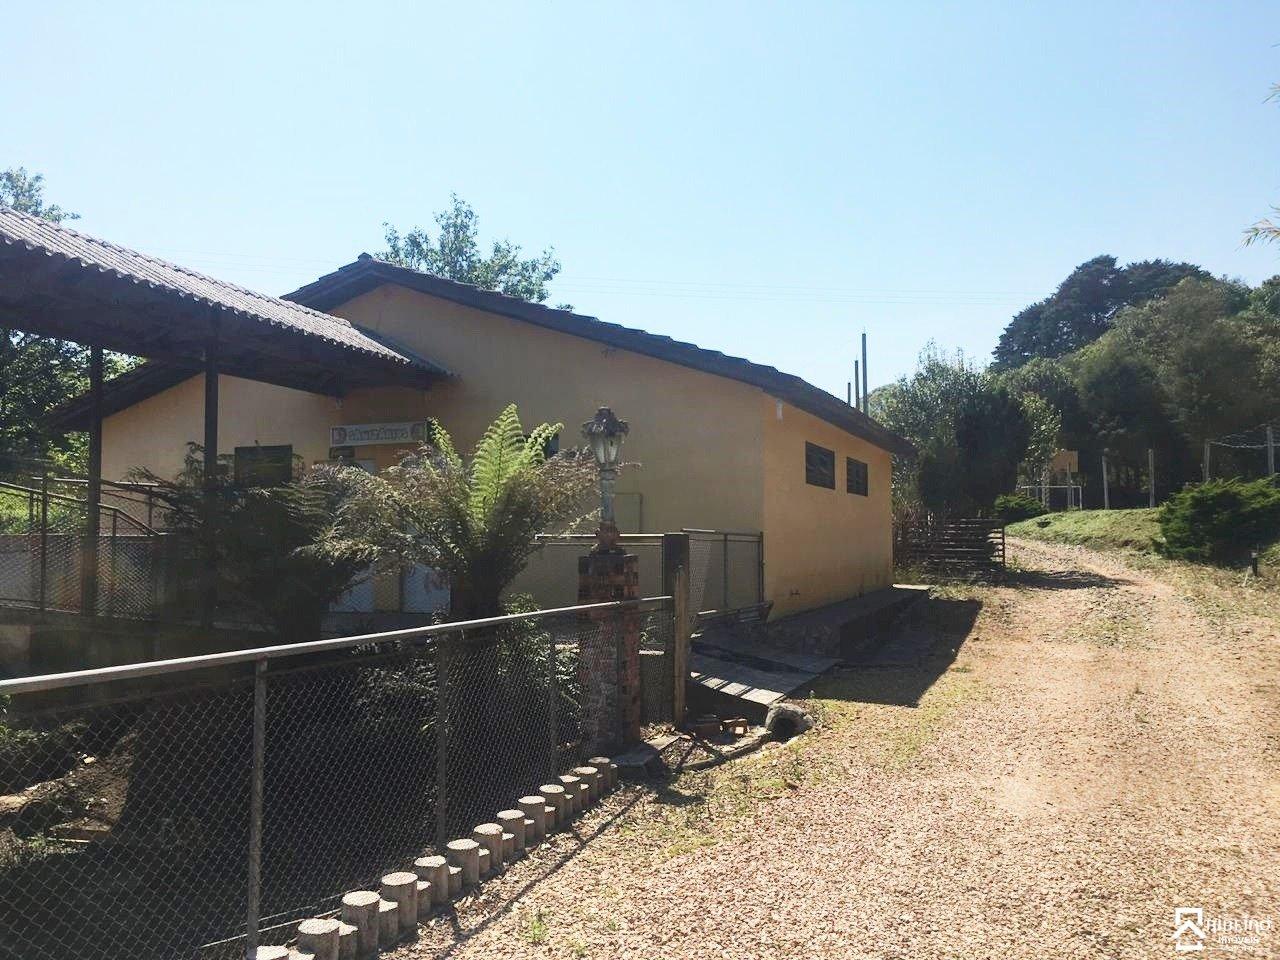 REF. 8415 -  São José Dos Pinhais - Rua Campestre, 2735